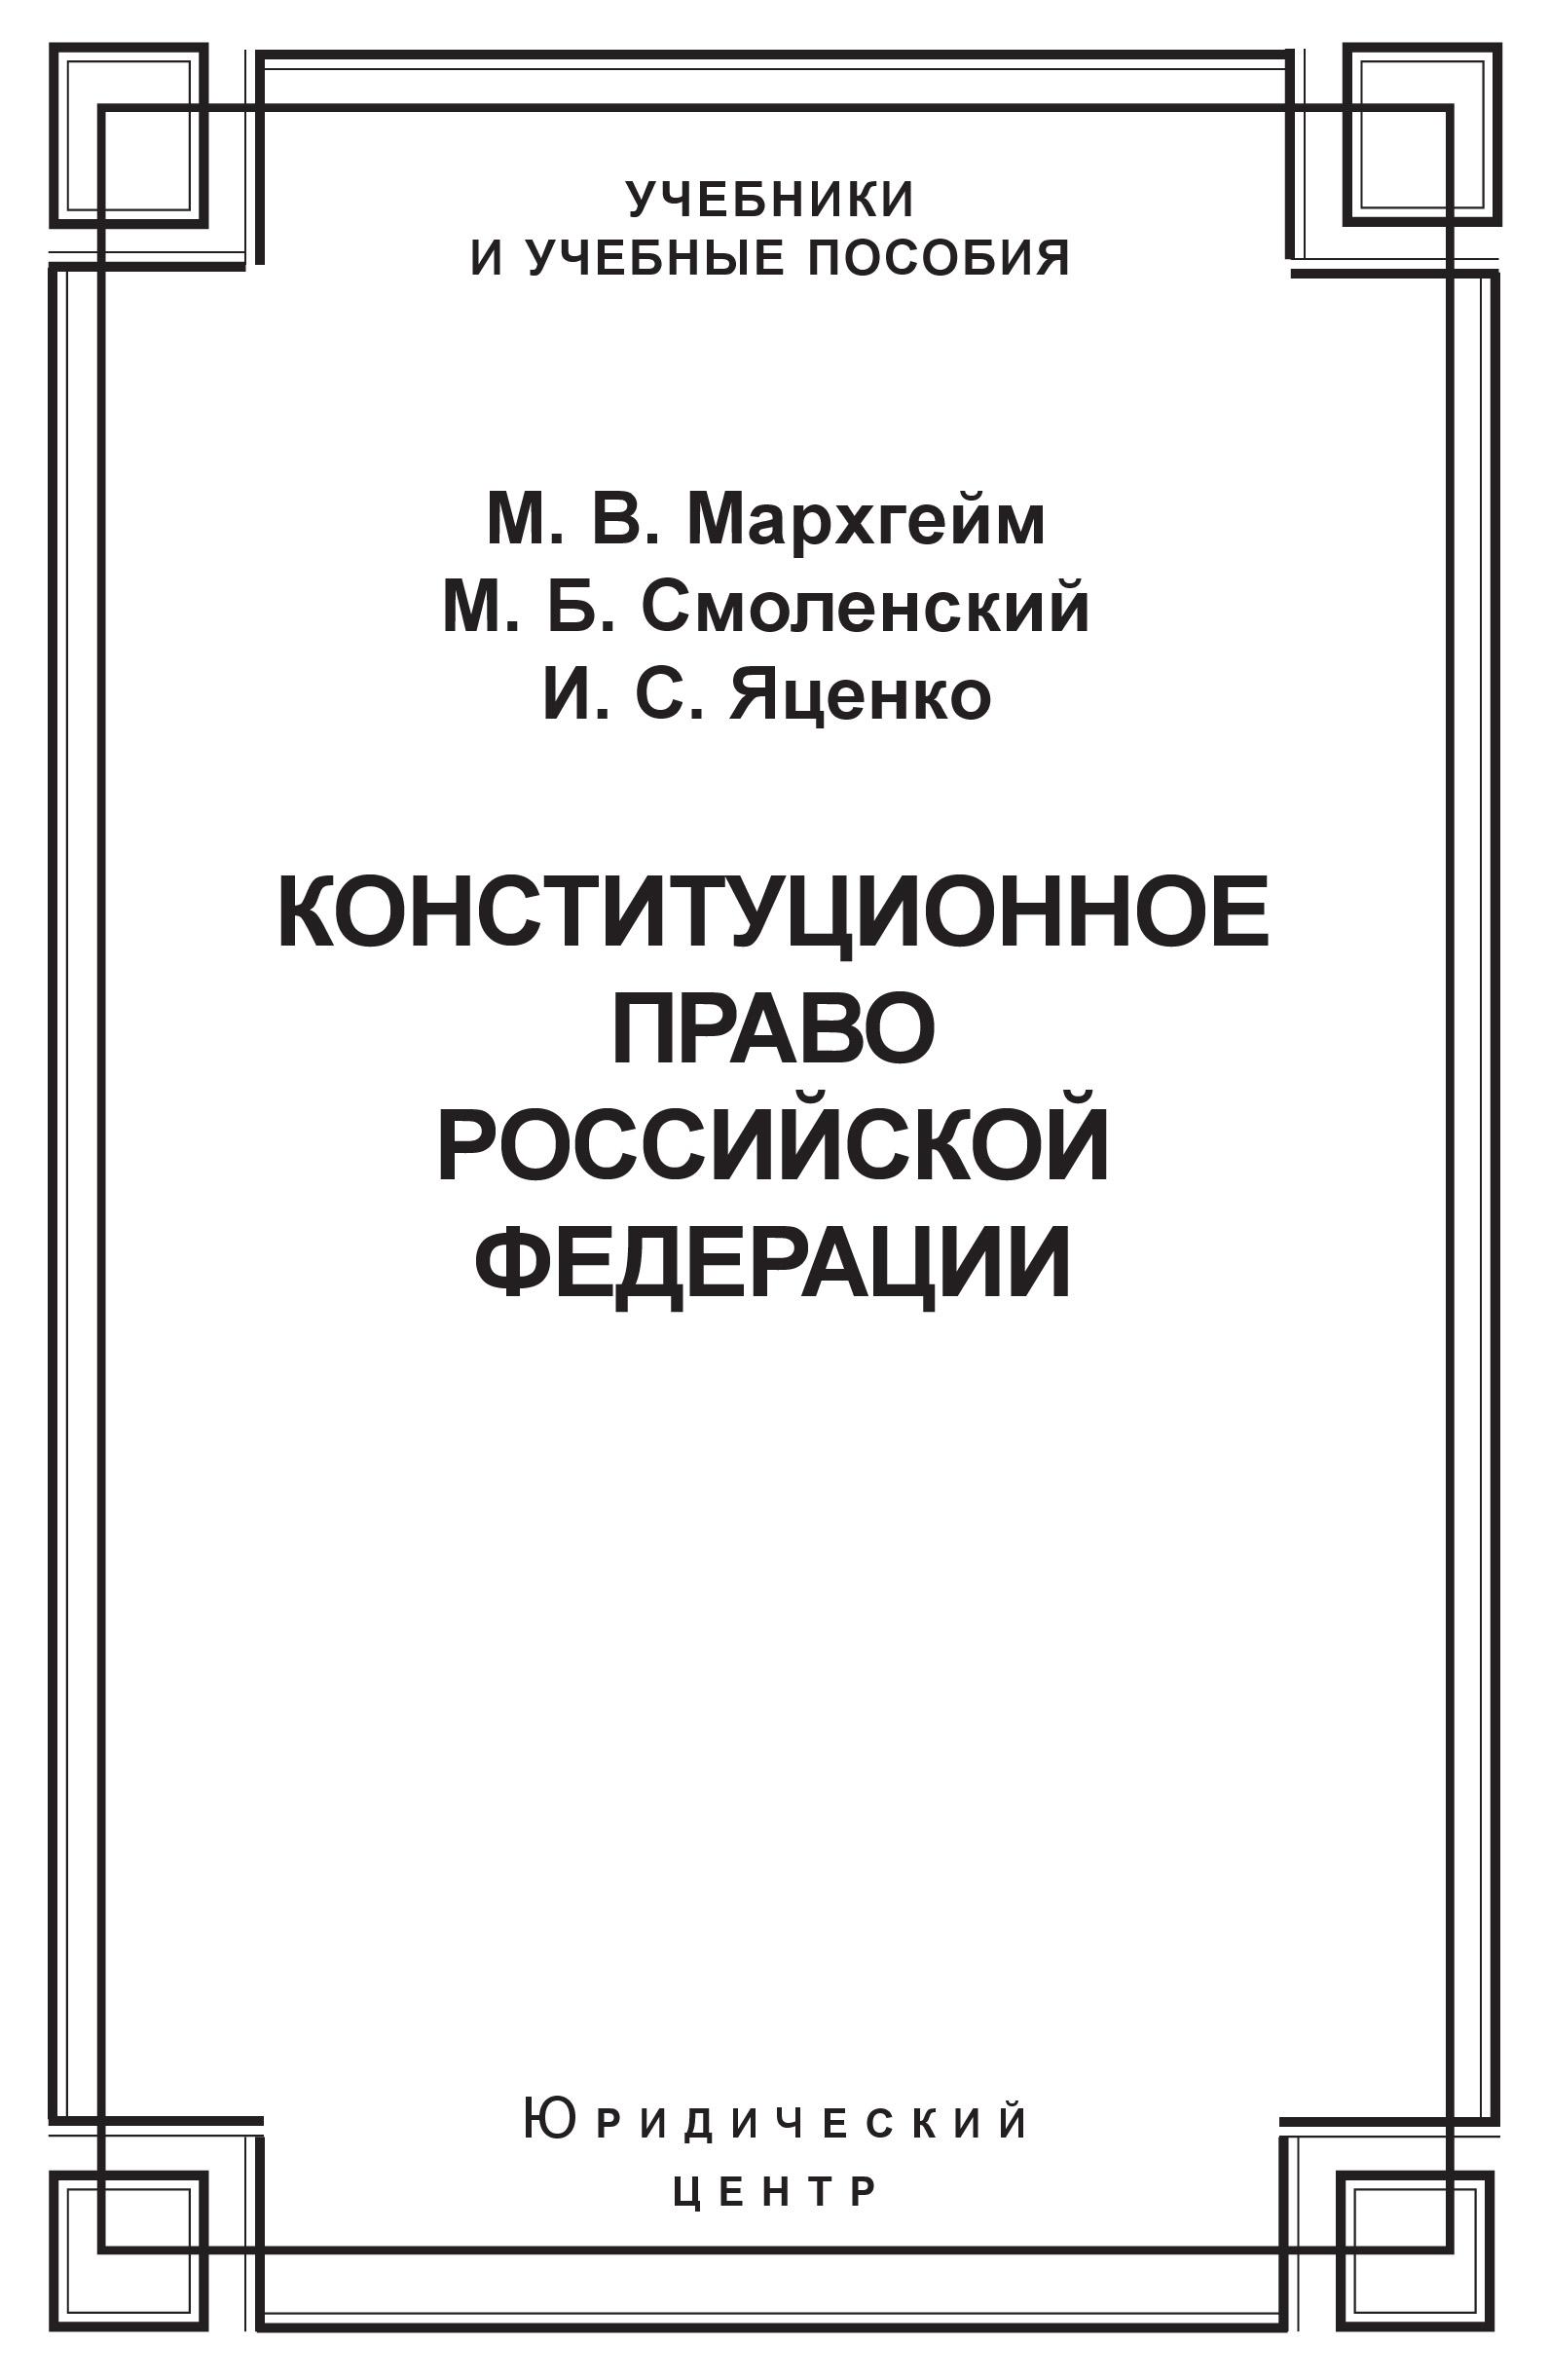 М. Б. Смоленский Конституционное право Российской Федерации